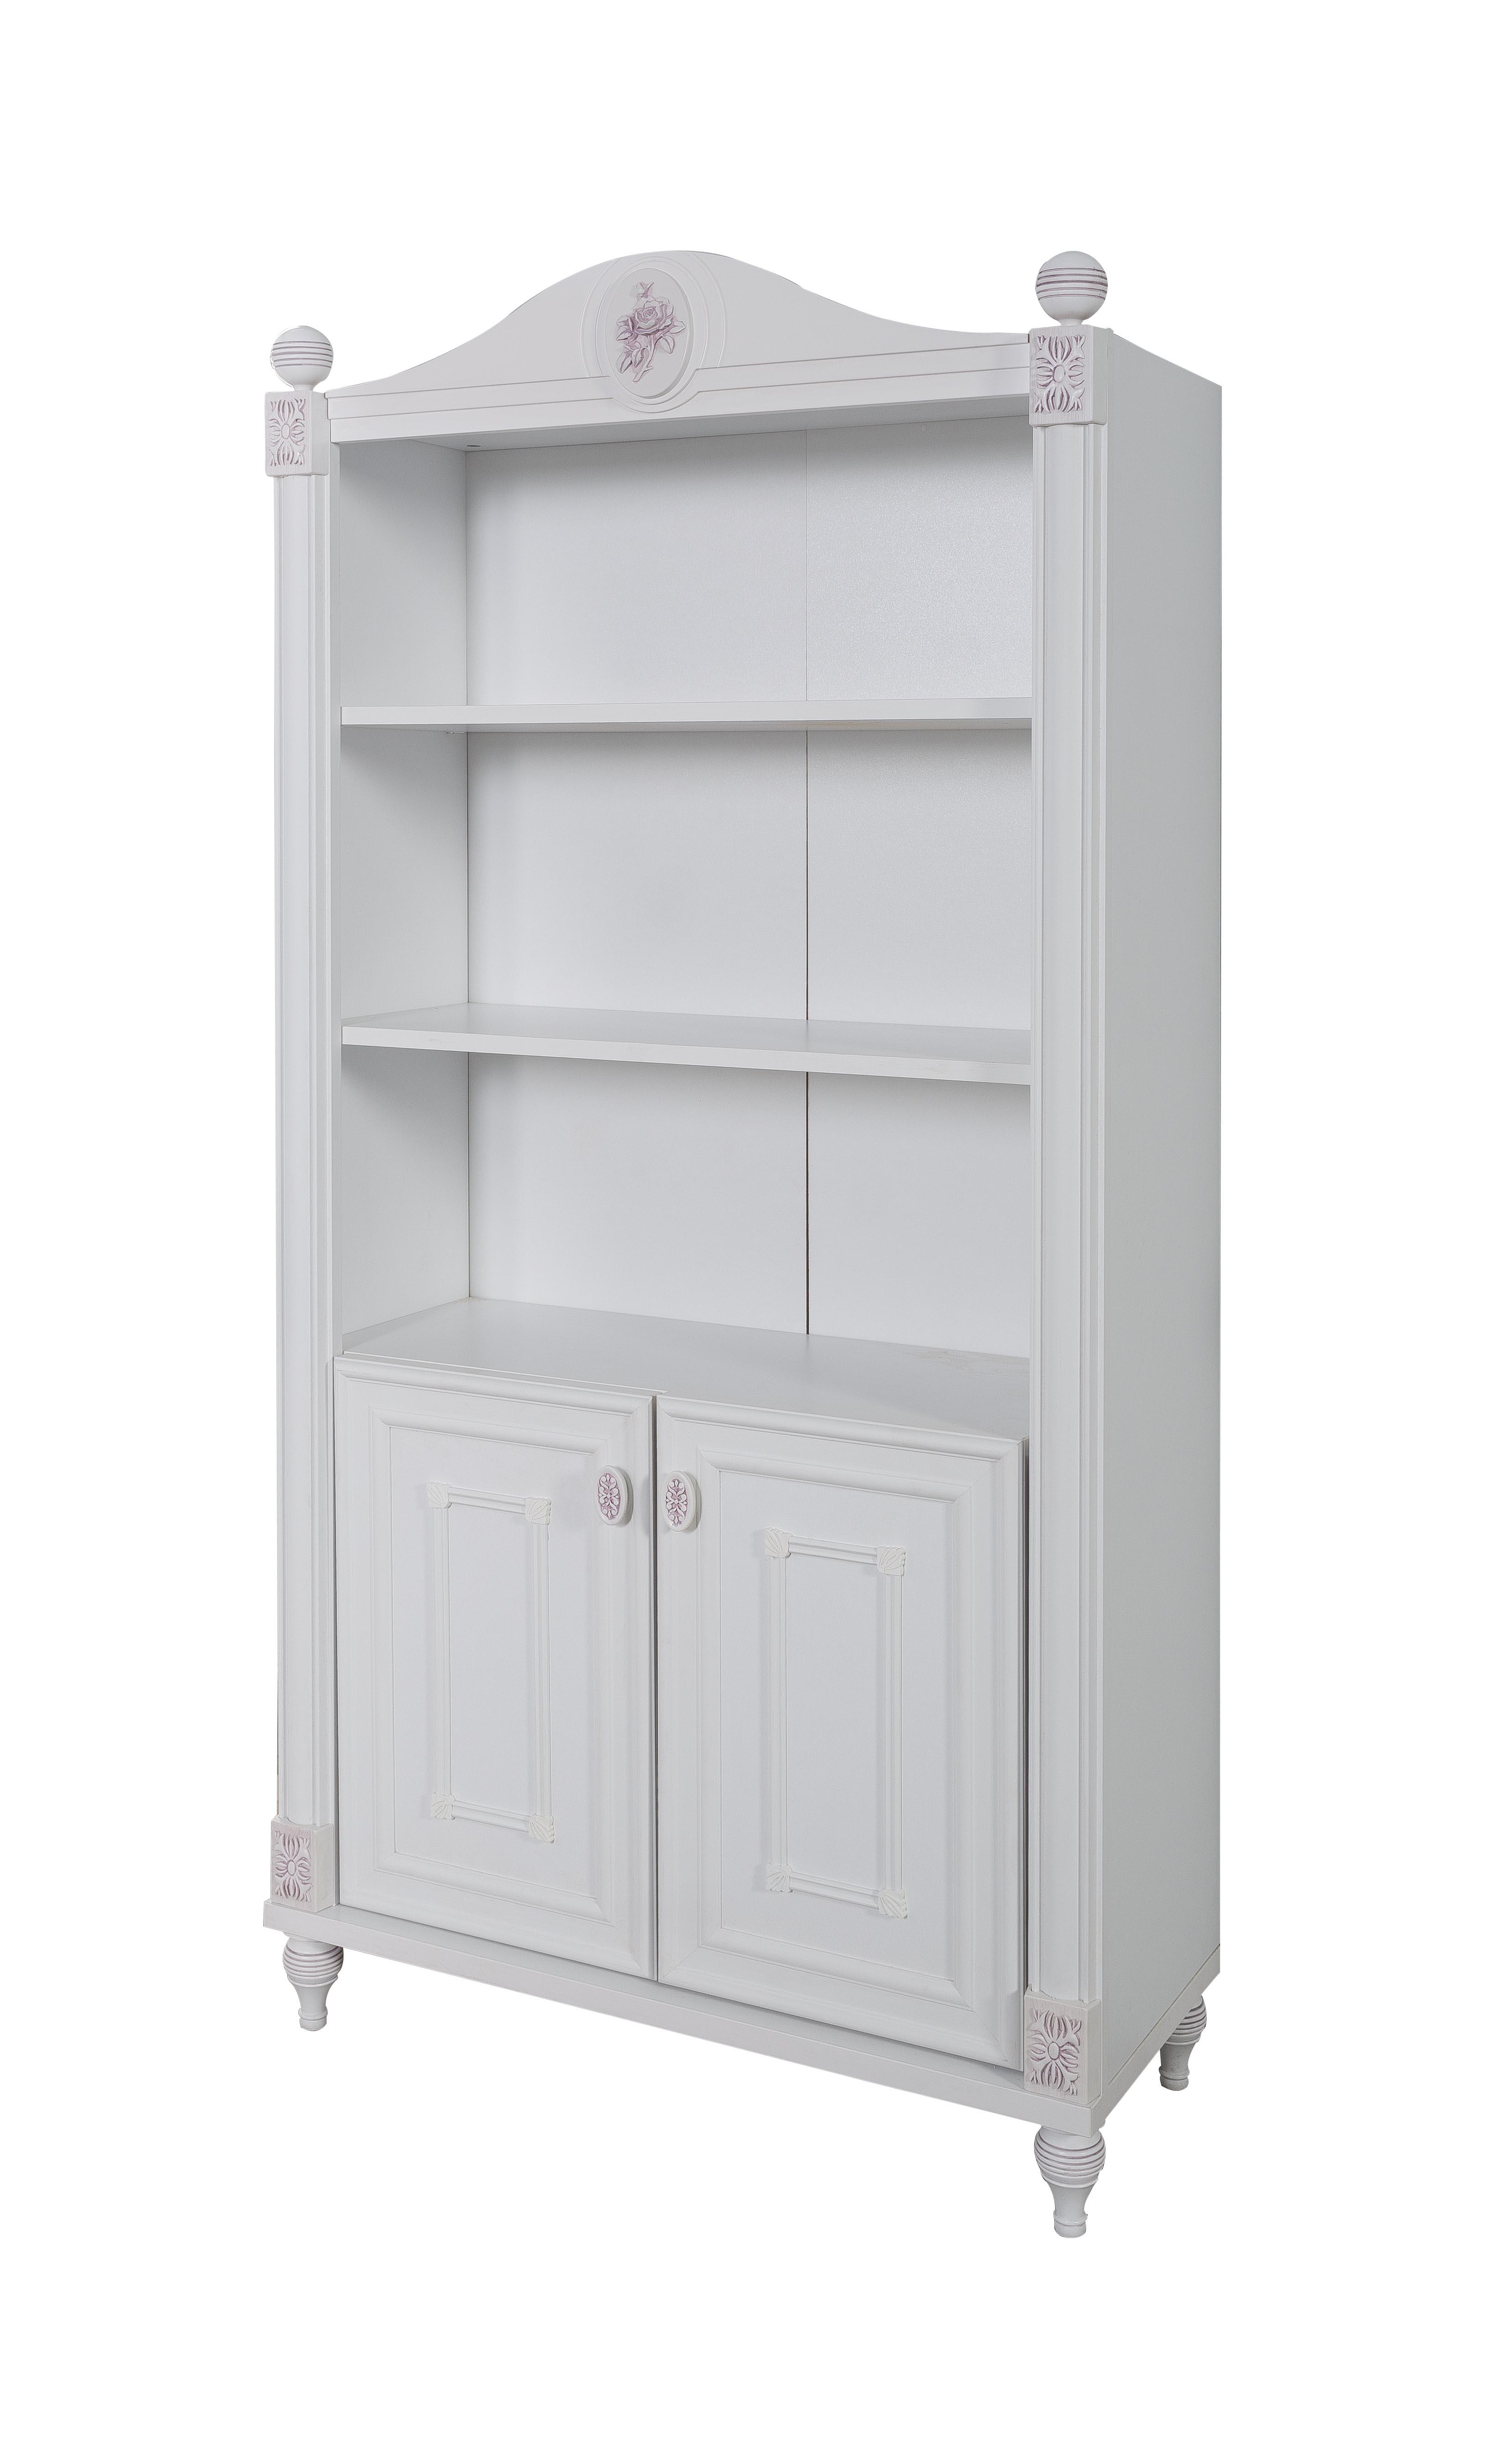 Titi Bücherregal in Weiß Goldi mit viel Stauraum 2-türig